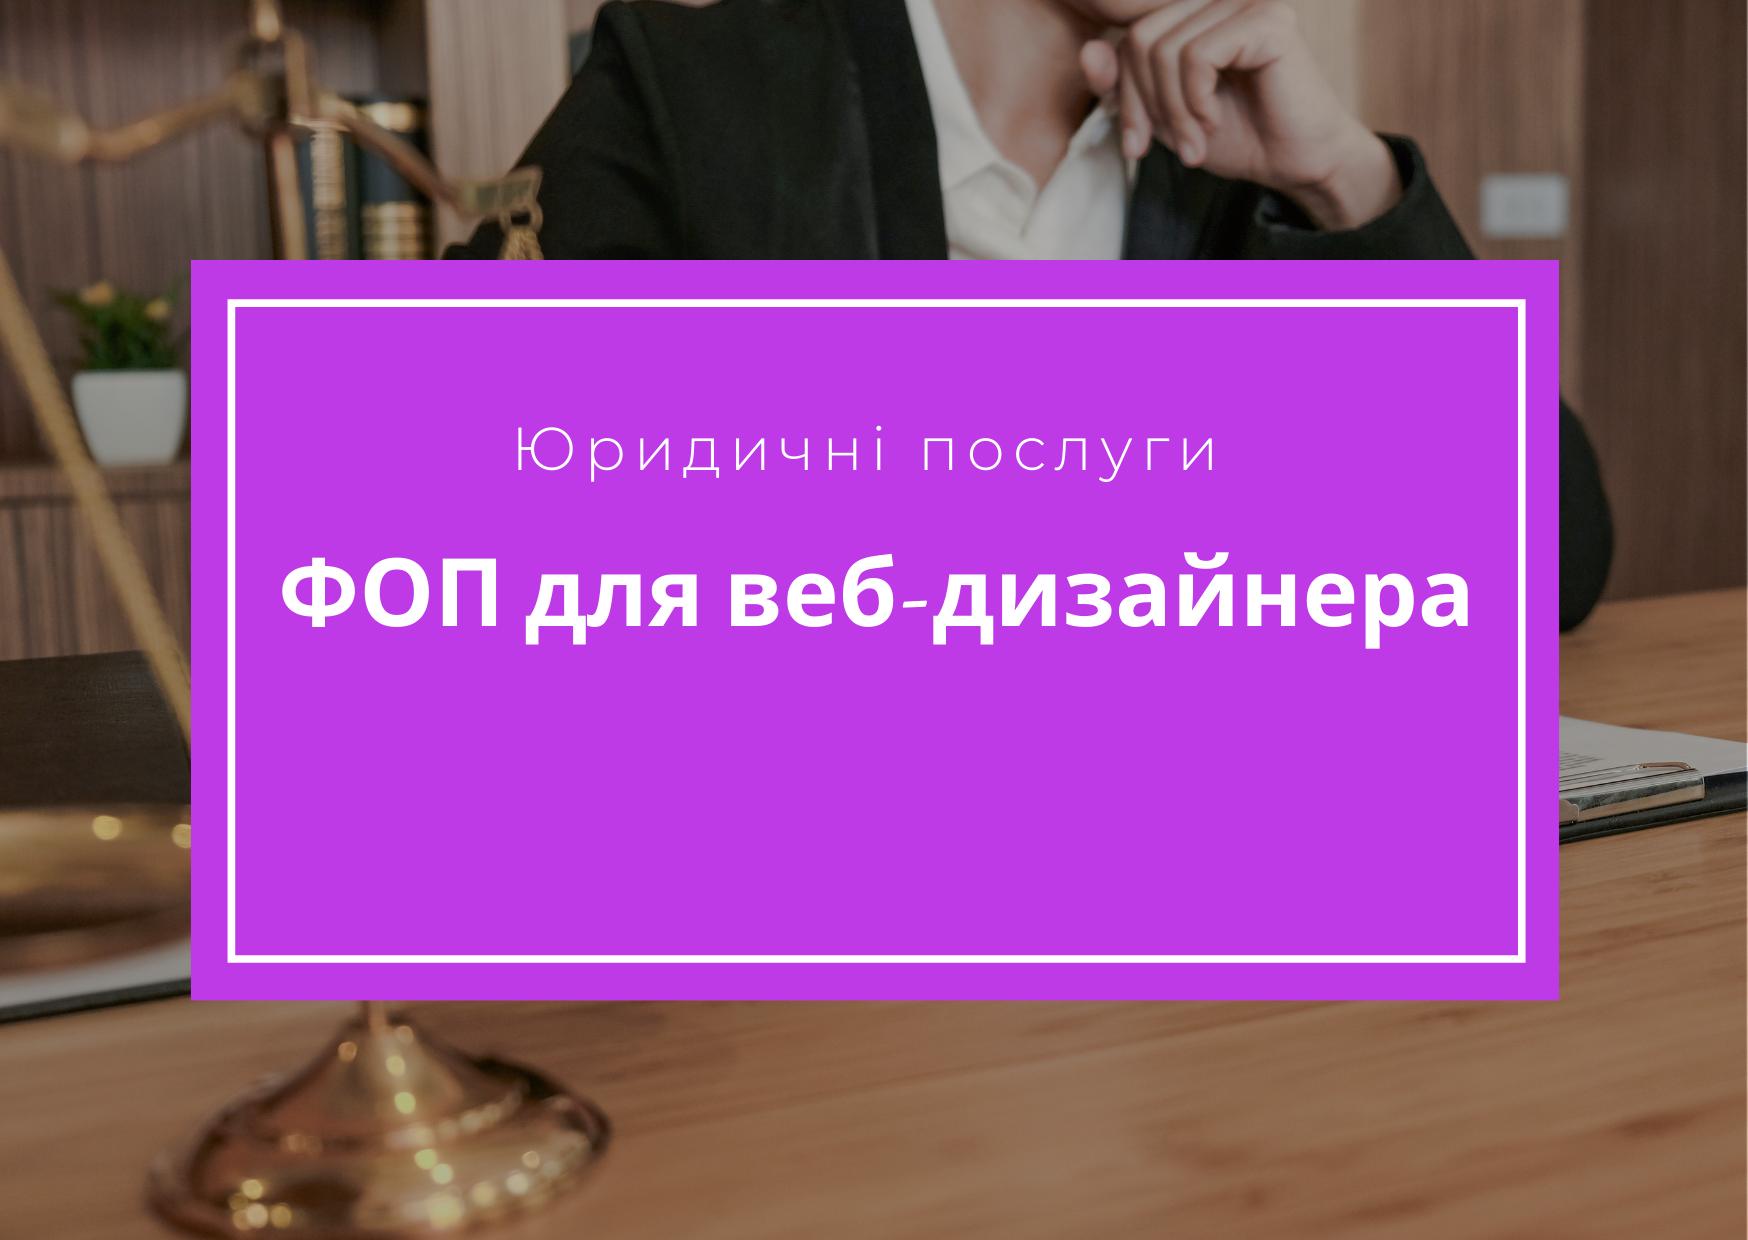 ФОП для веб-дизайнера